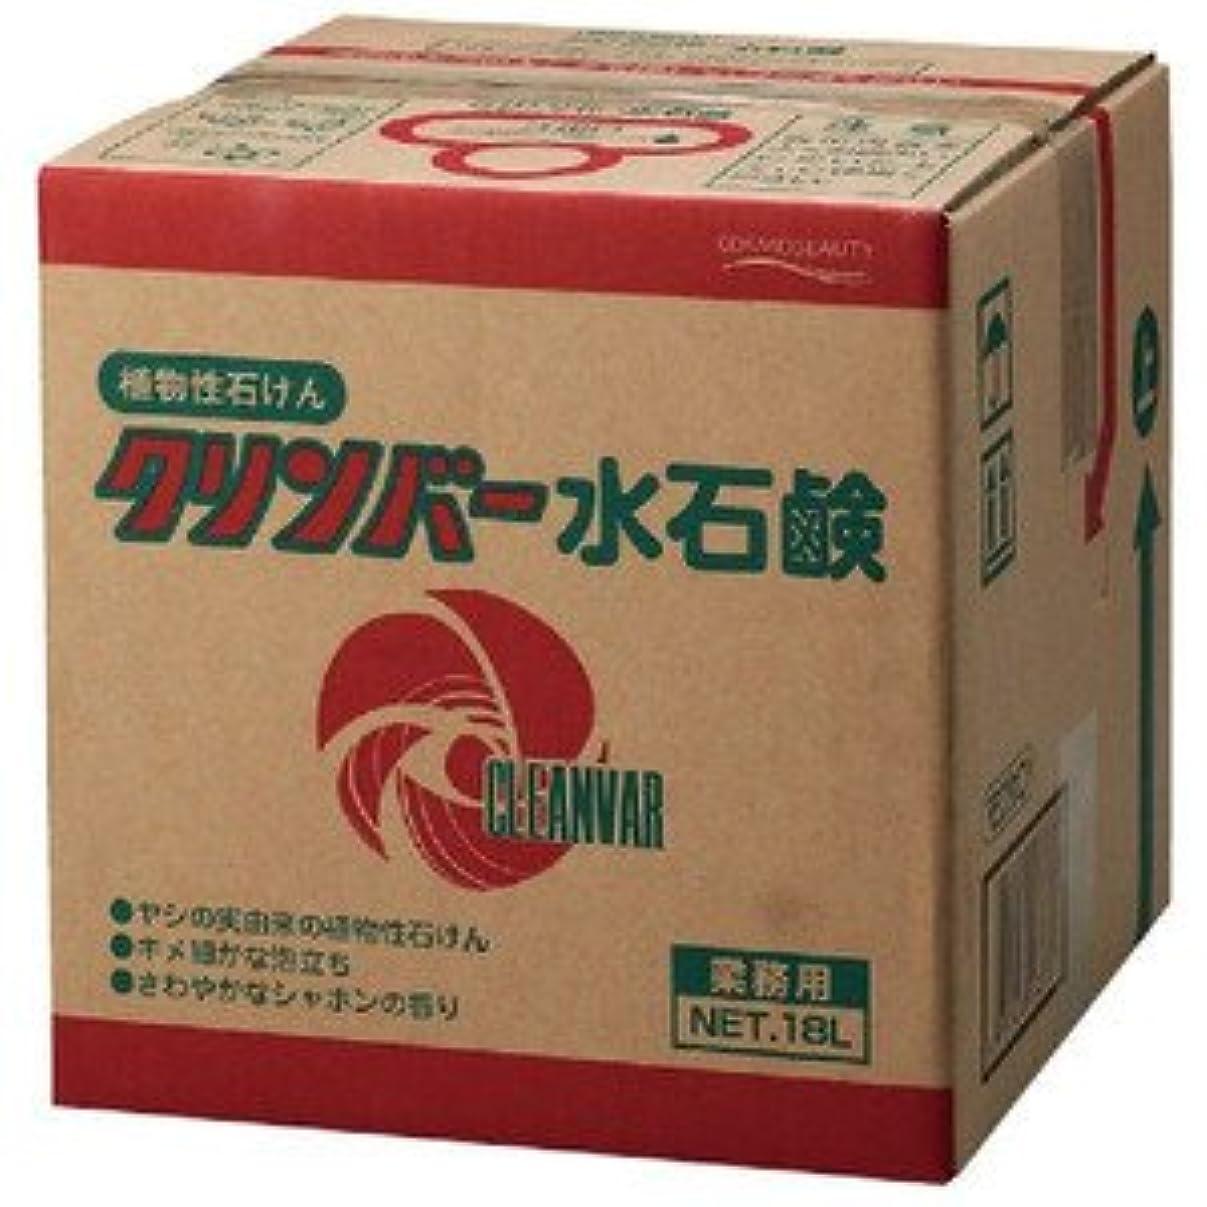 同化する認証リップコスモビューティー ヤシの実由来 業務用液体手洗い洗剤 ナチュラルソープ( 旧名:クリンバー水石鹸) 18L 16373